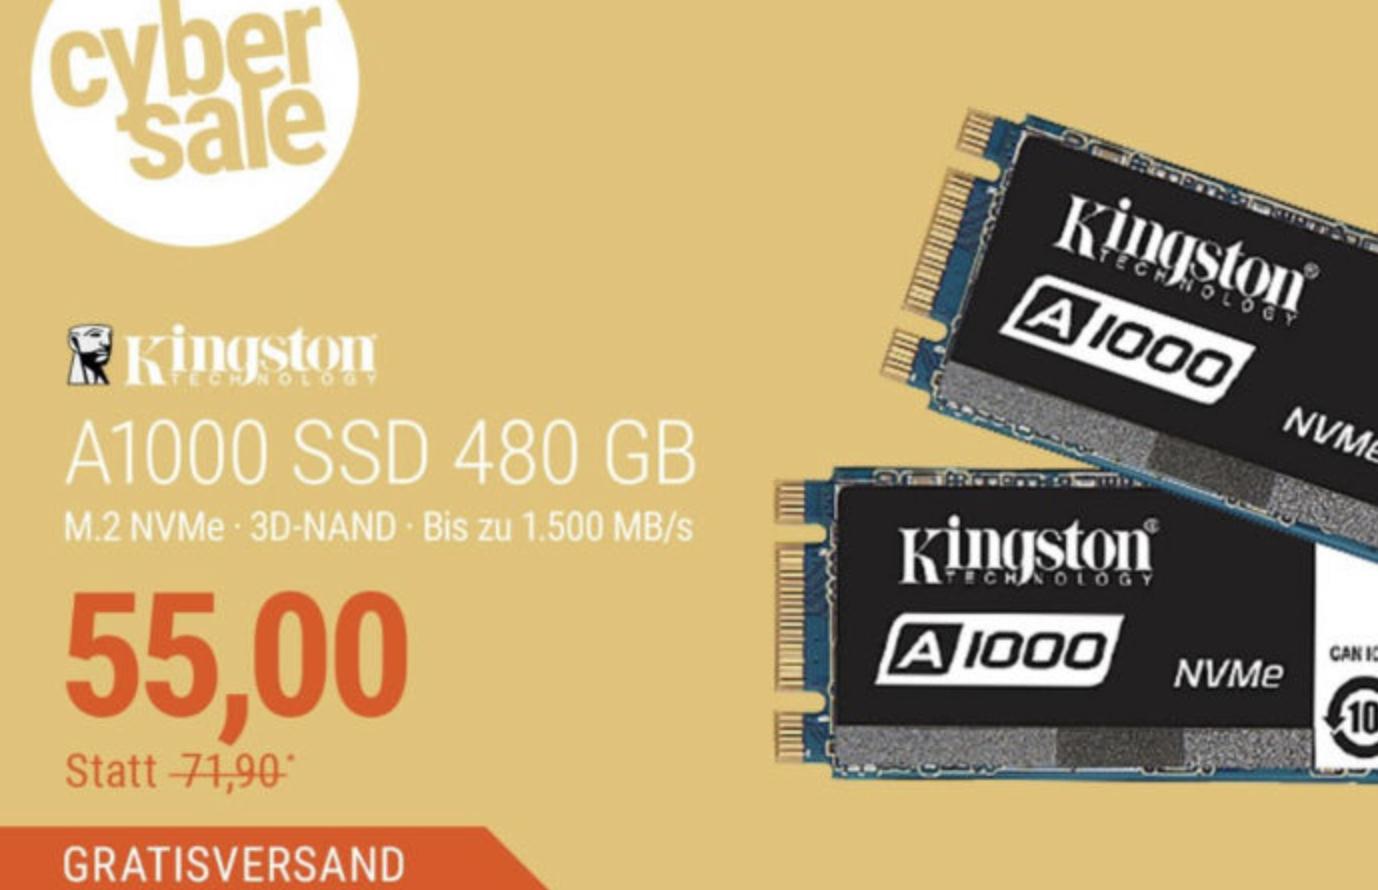 Cybersale: Kingston A1000 SSD M.2 480GB NVMe TLC - 80mm für 55€ inkl. Versandkosten